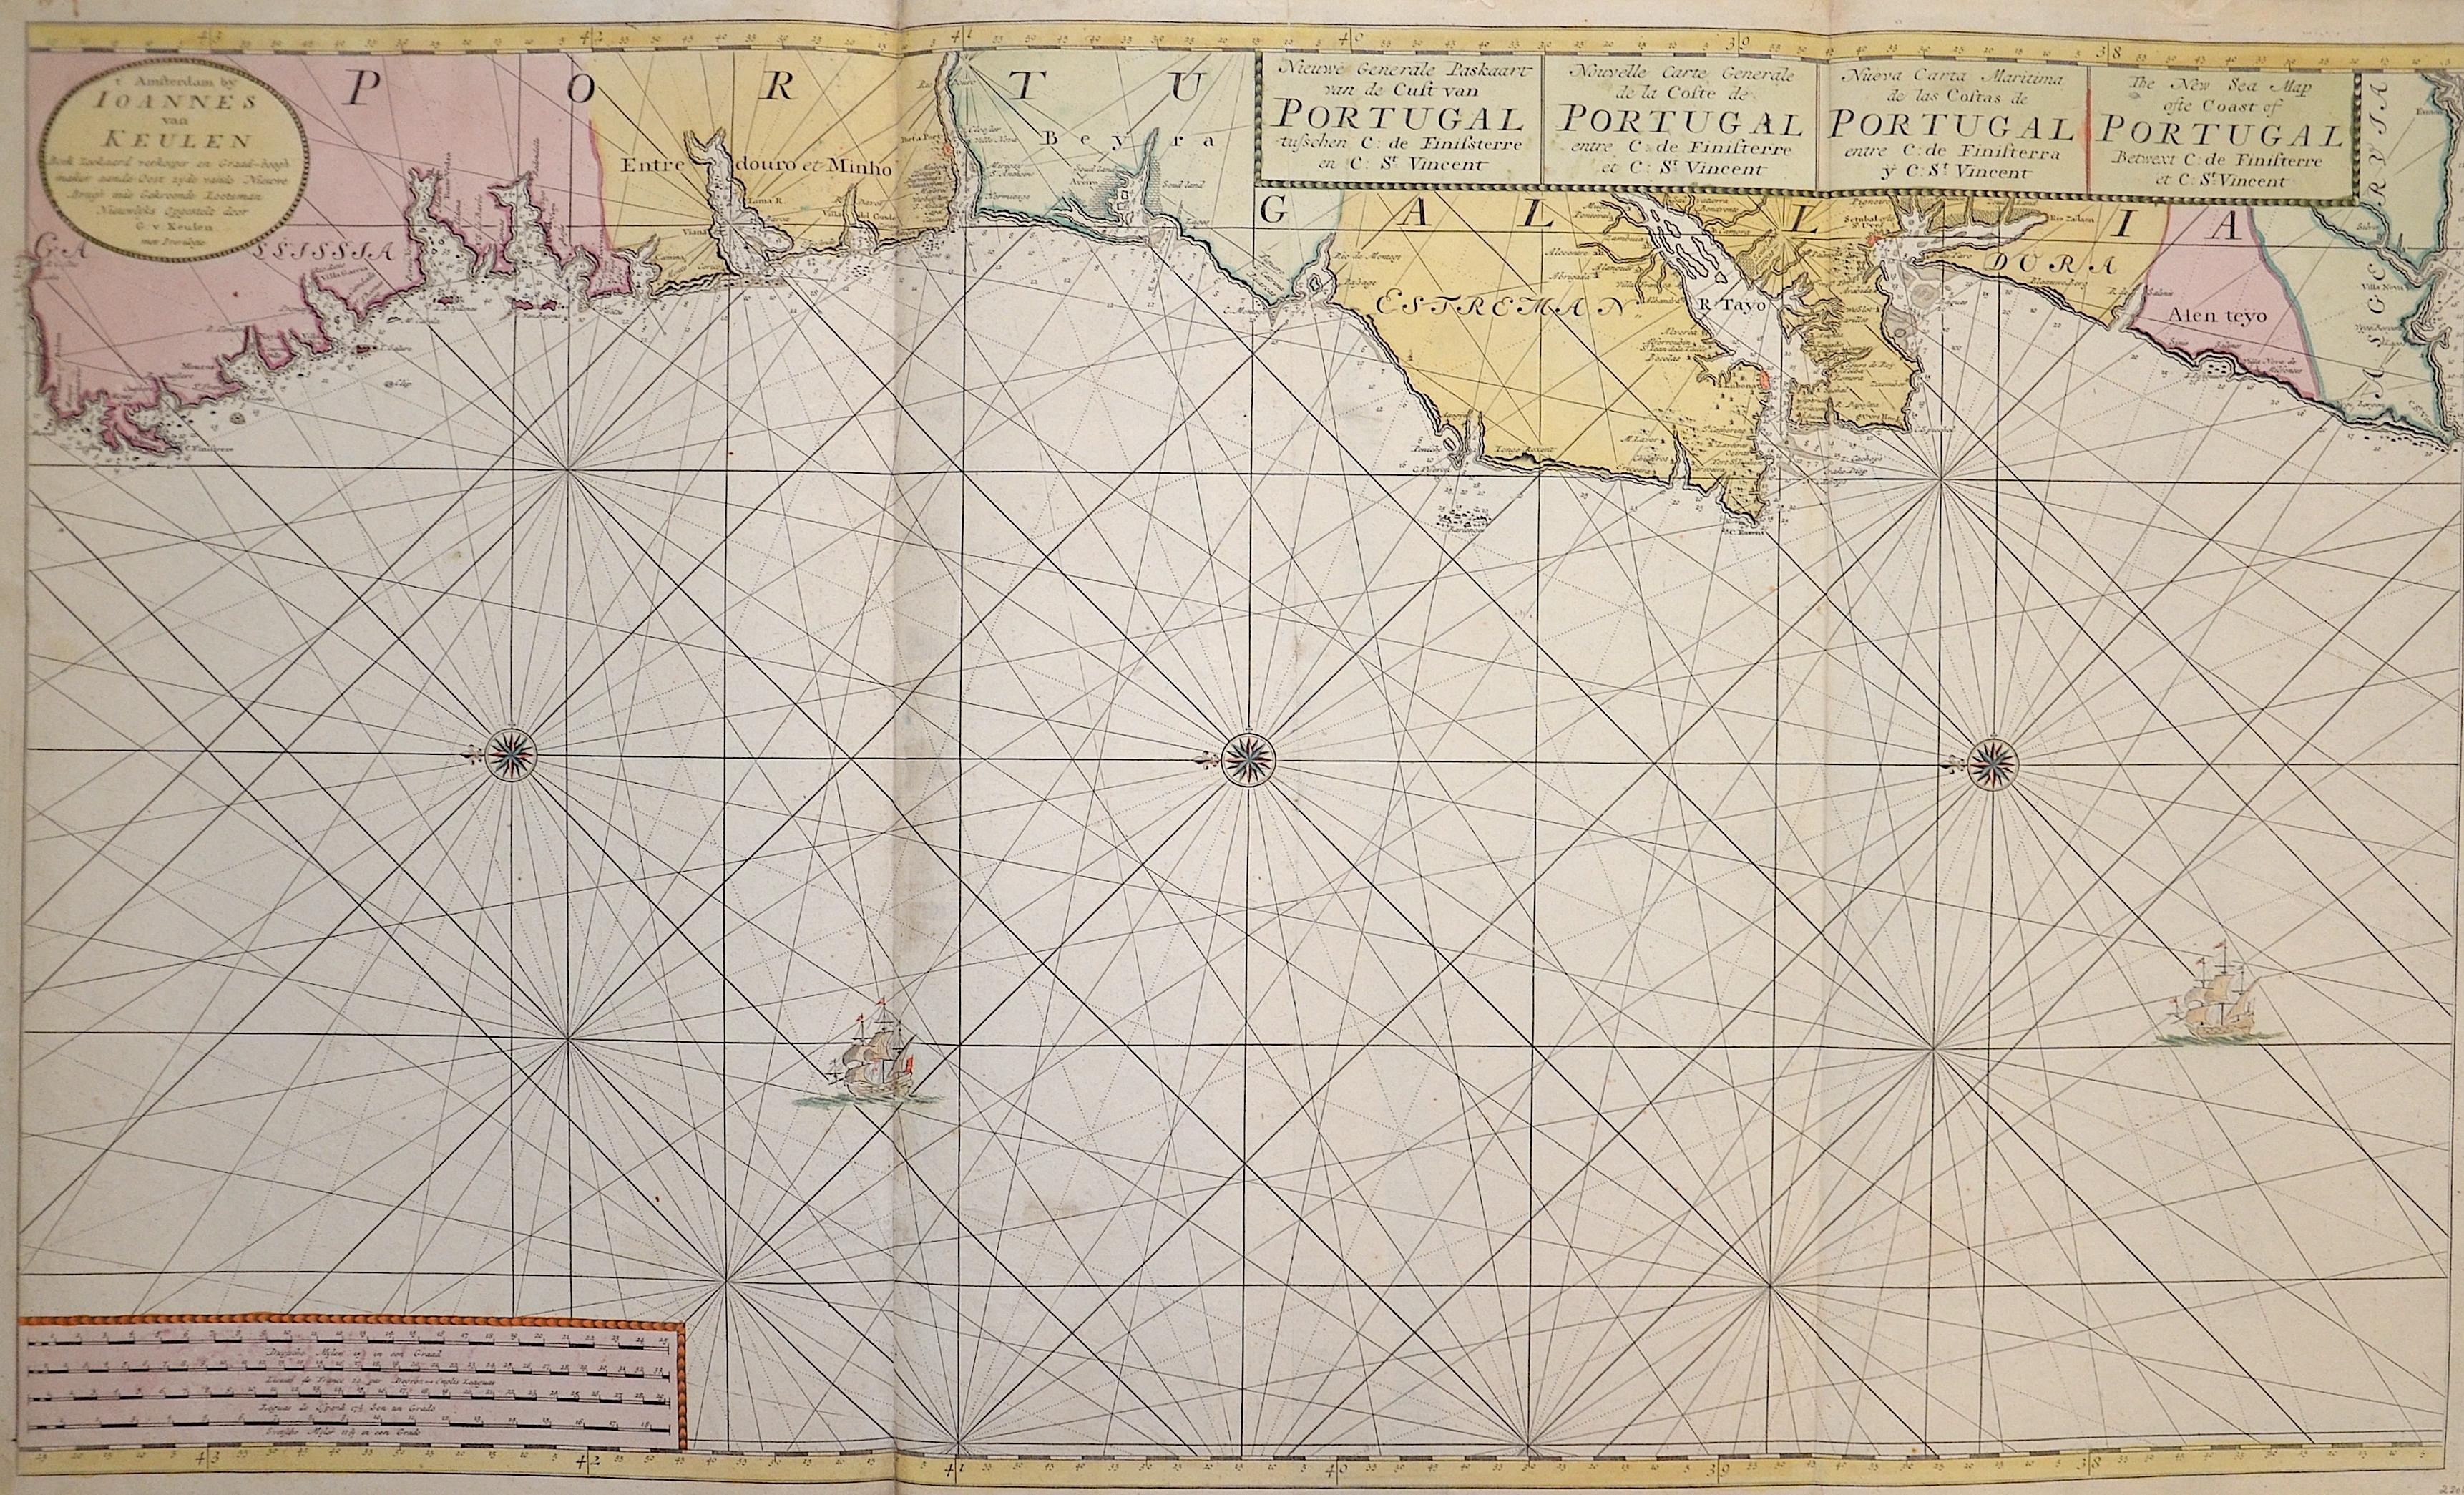 Keulen Johannes van Nieuwe Generale Paskaart van de Cust van Portugal tusschen C: de Finissterre en: St. Vincent / The New Sea Map ofte Coast of Portugal Betwext C:..